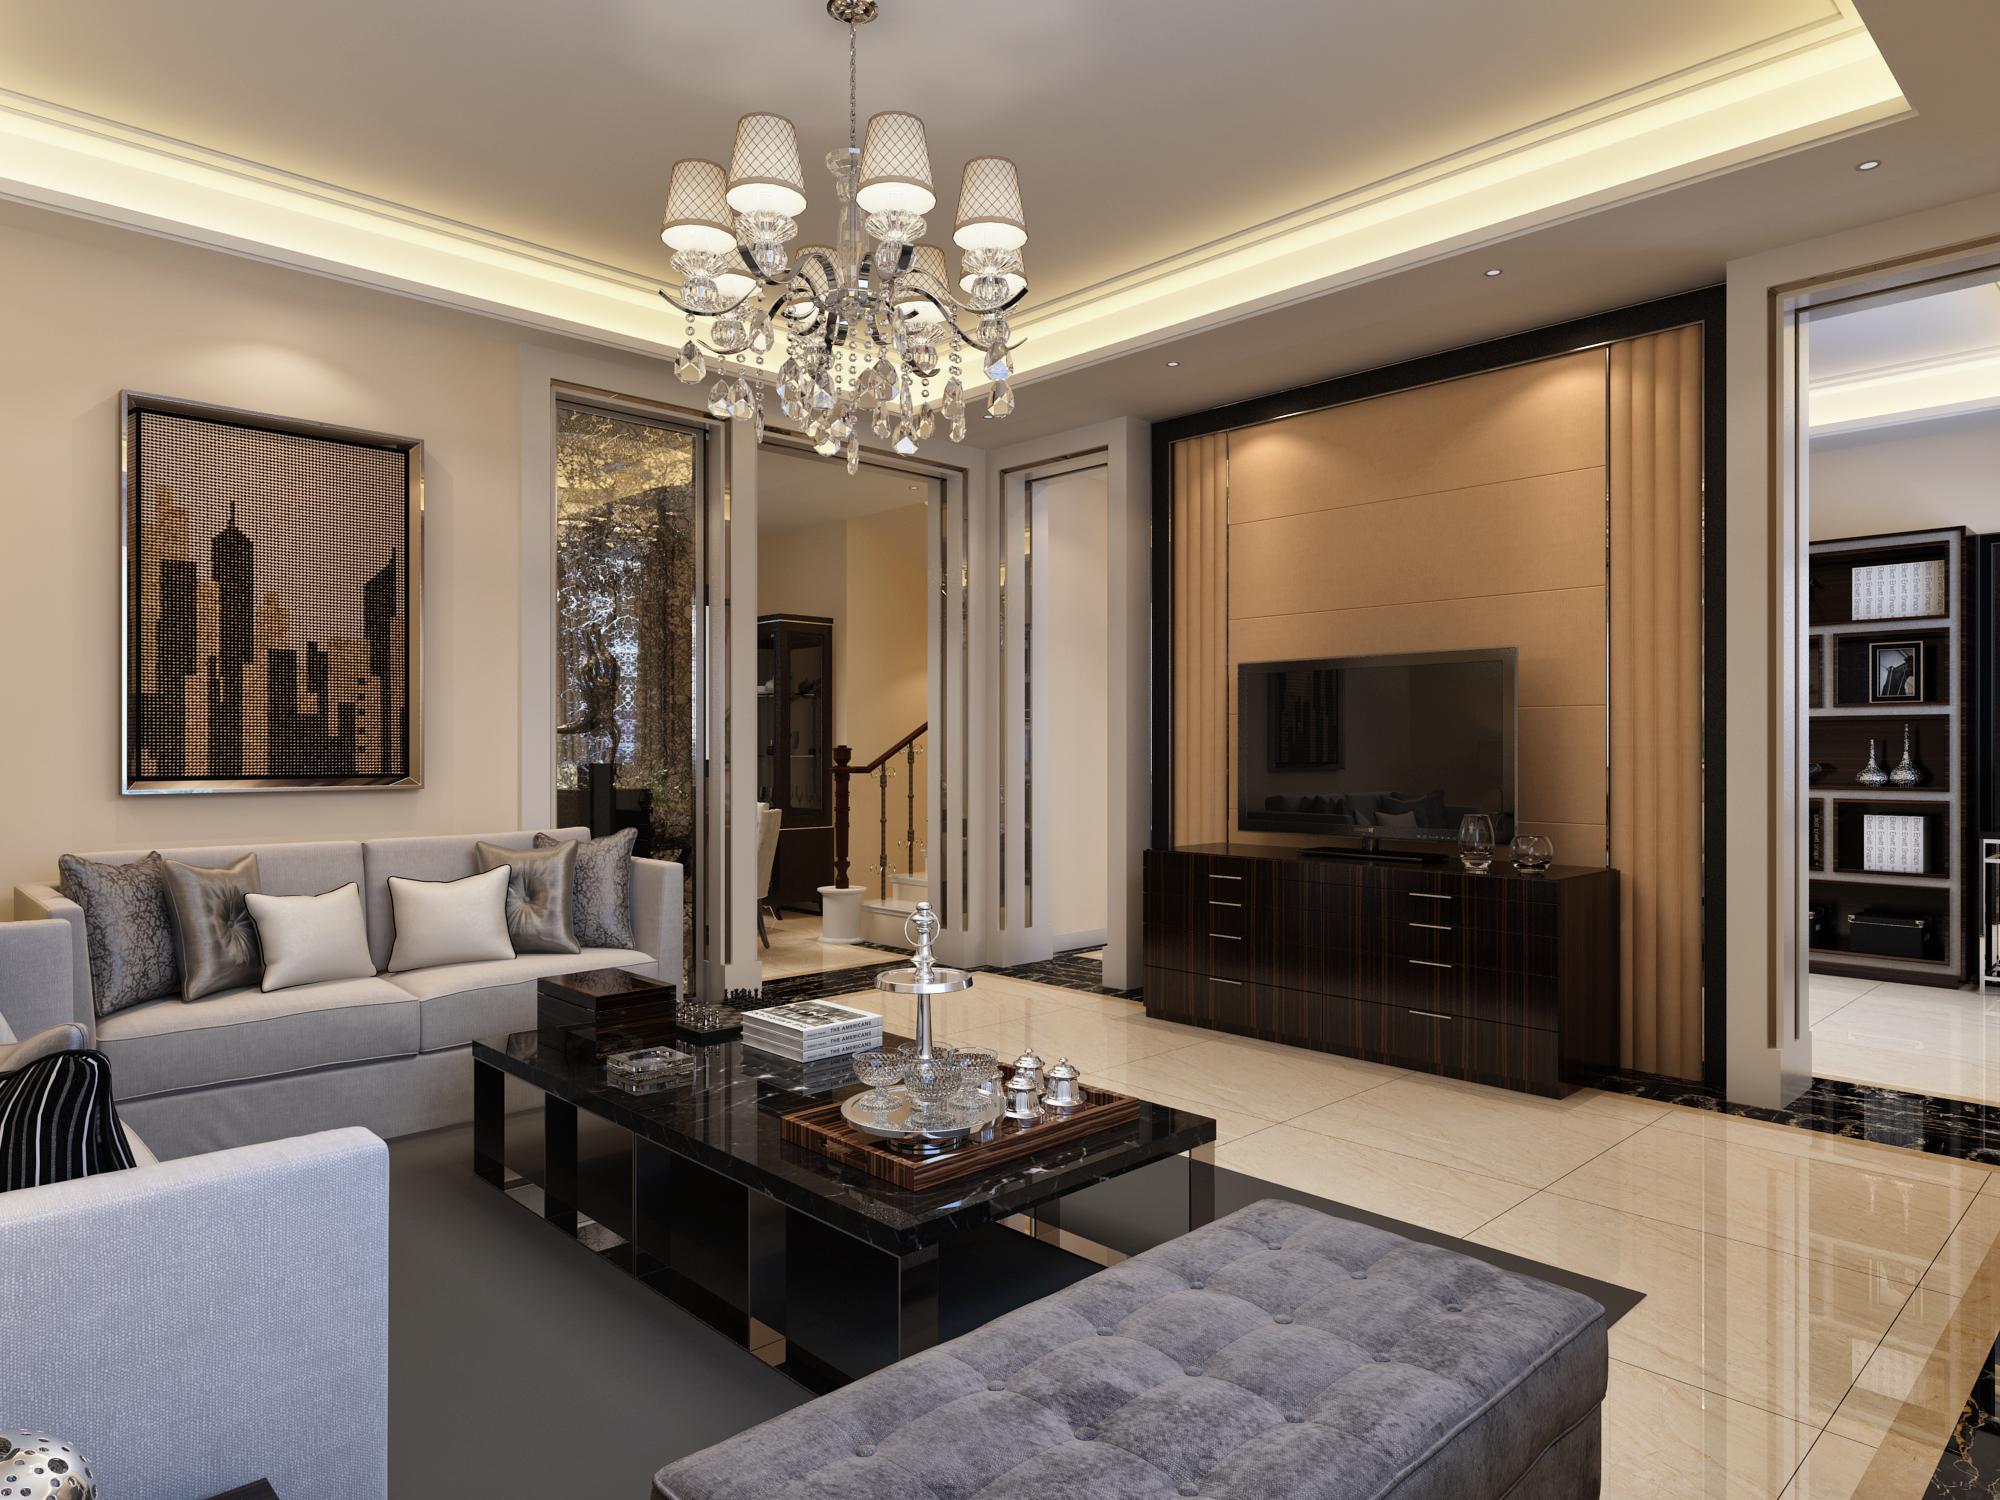 欧式 别墅 80后 混搭 客厅图片来自赢和国际设计在新苑小区的分享